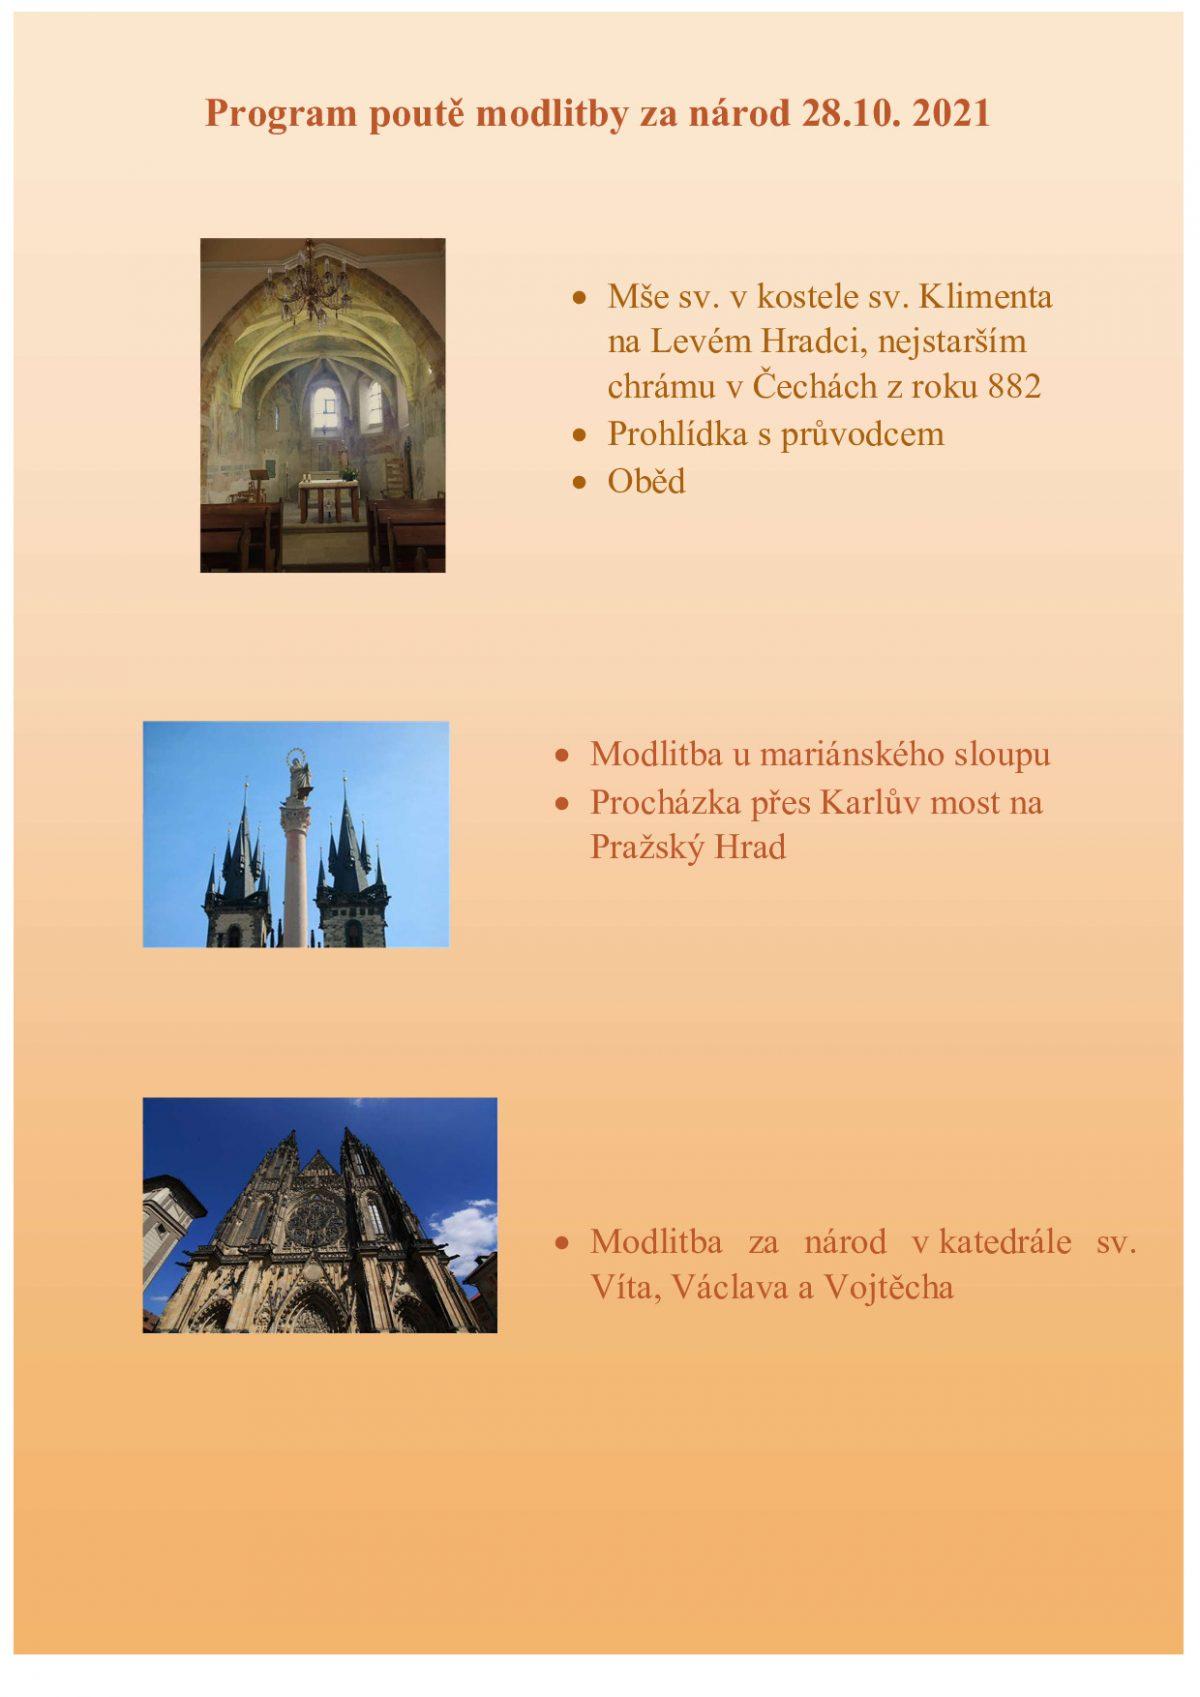 Program poutě ke sv. Ludmile